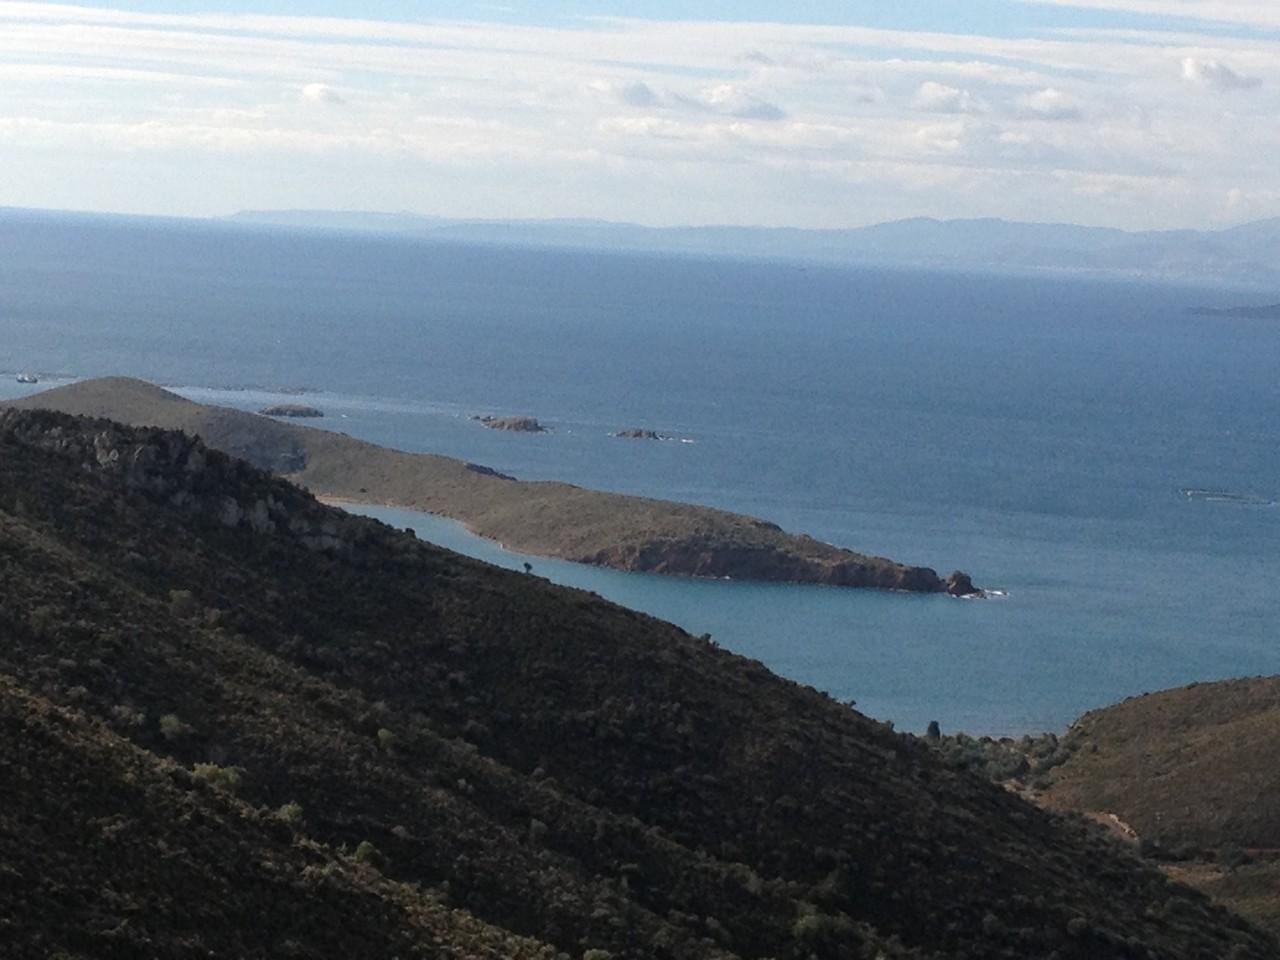 Küstenlandschaft auf der Halbinsel Cesme